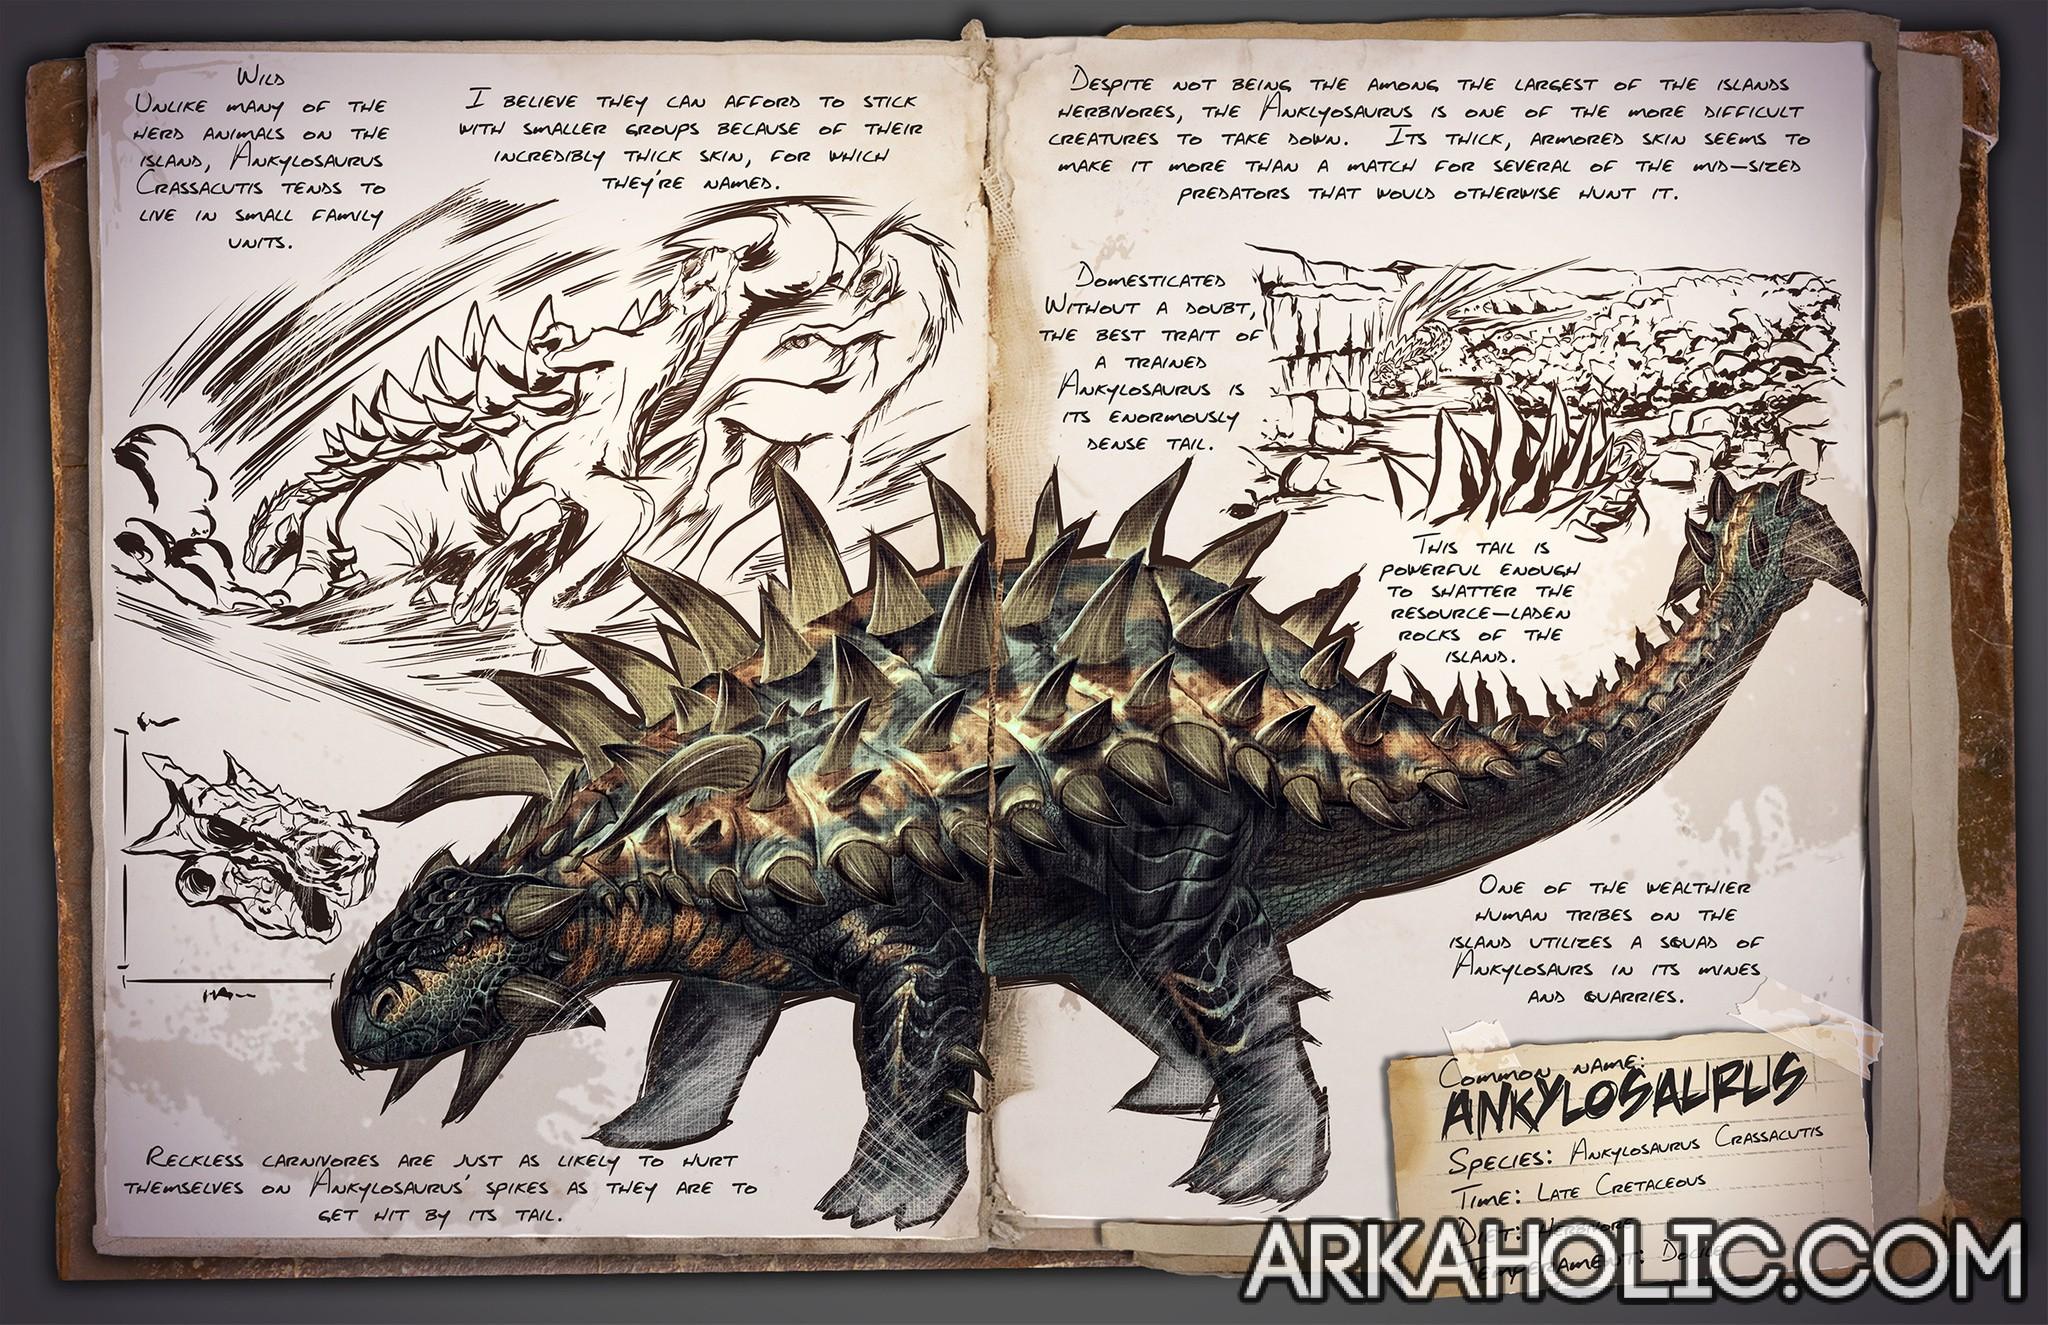 ankylosaurusdinodossier